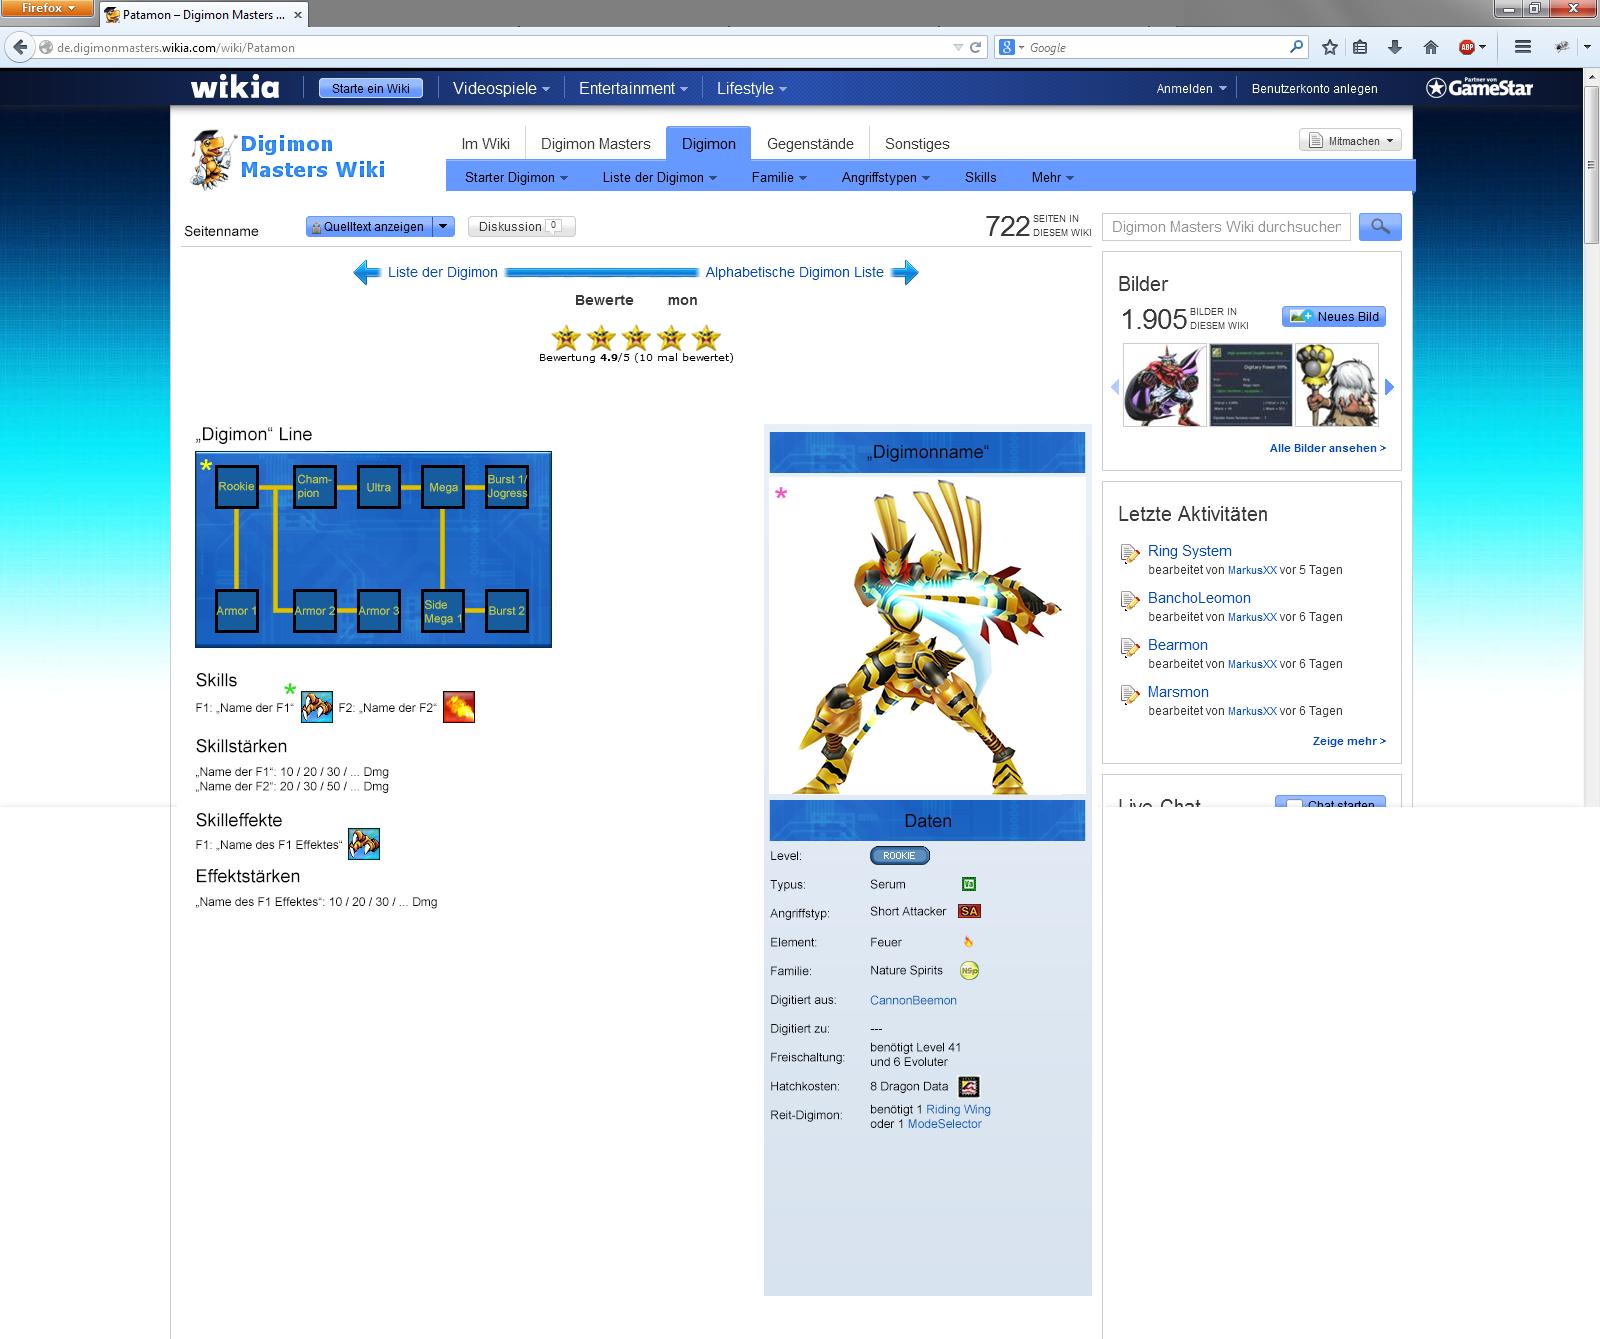 Neues Layout für die Digimon Seiten in der DMO Wikia